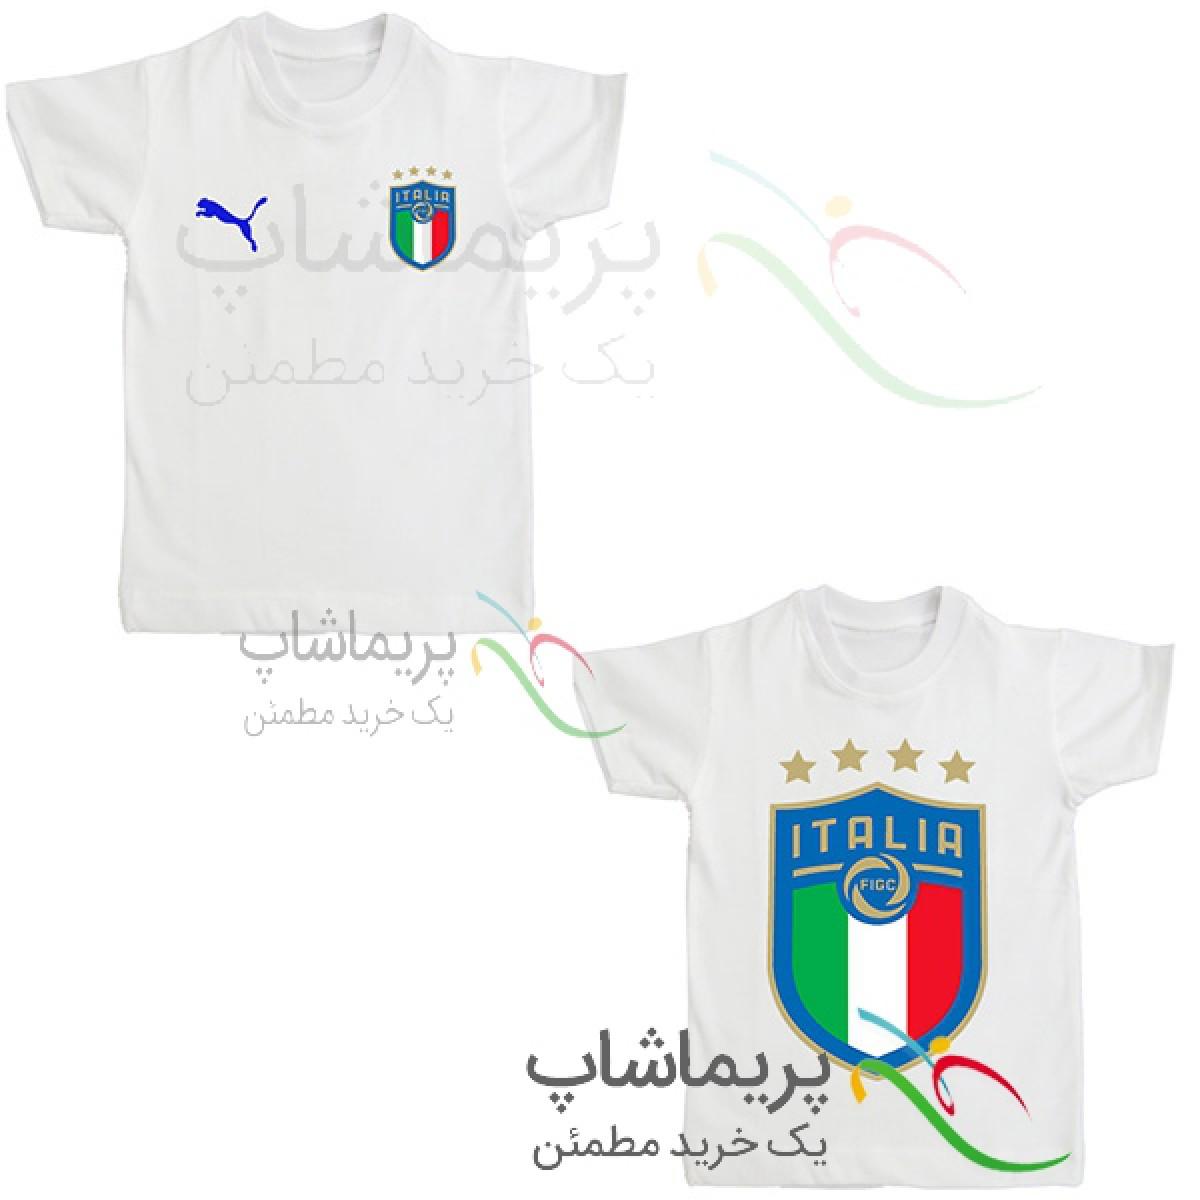 لباس هواداری ایتالیا بچه گانه